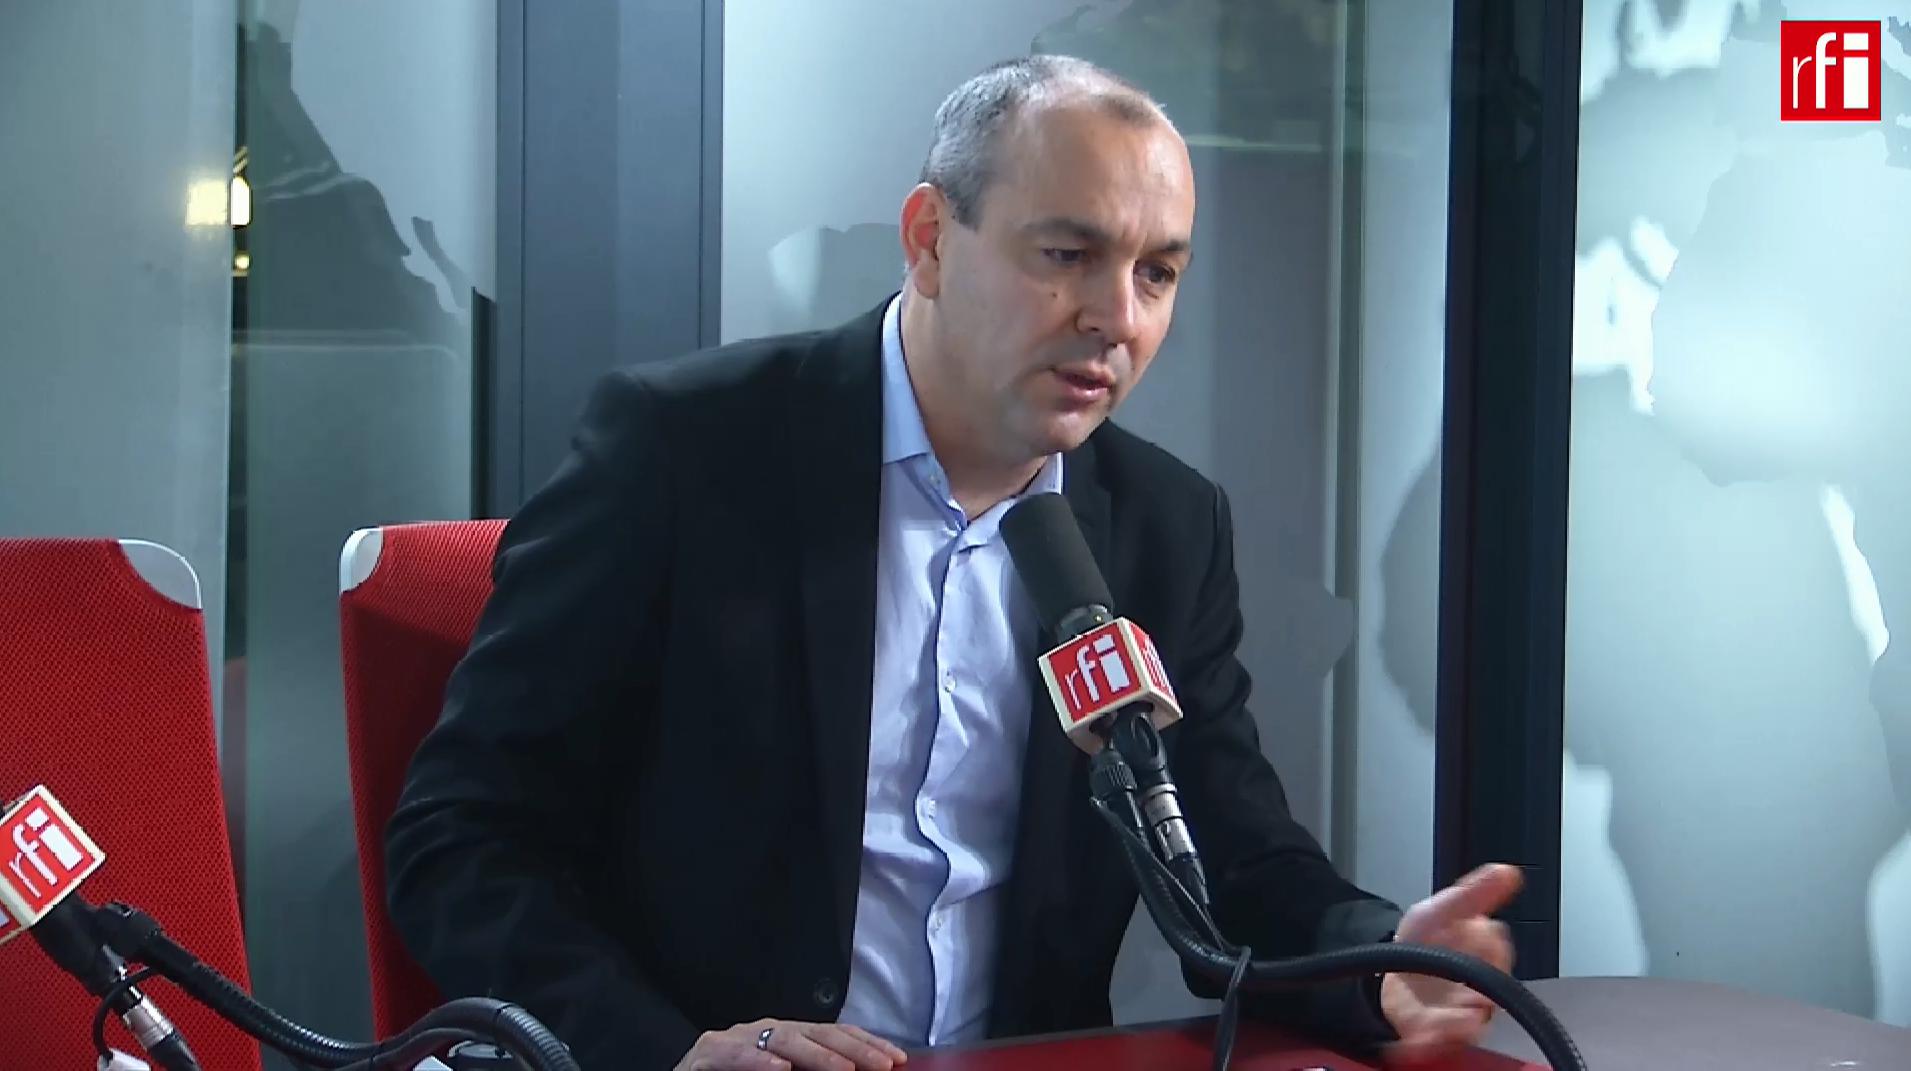 Laurent Berger, secretário geral da CFDT, na RFI a 13 de Dezembro de 2018